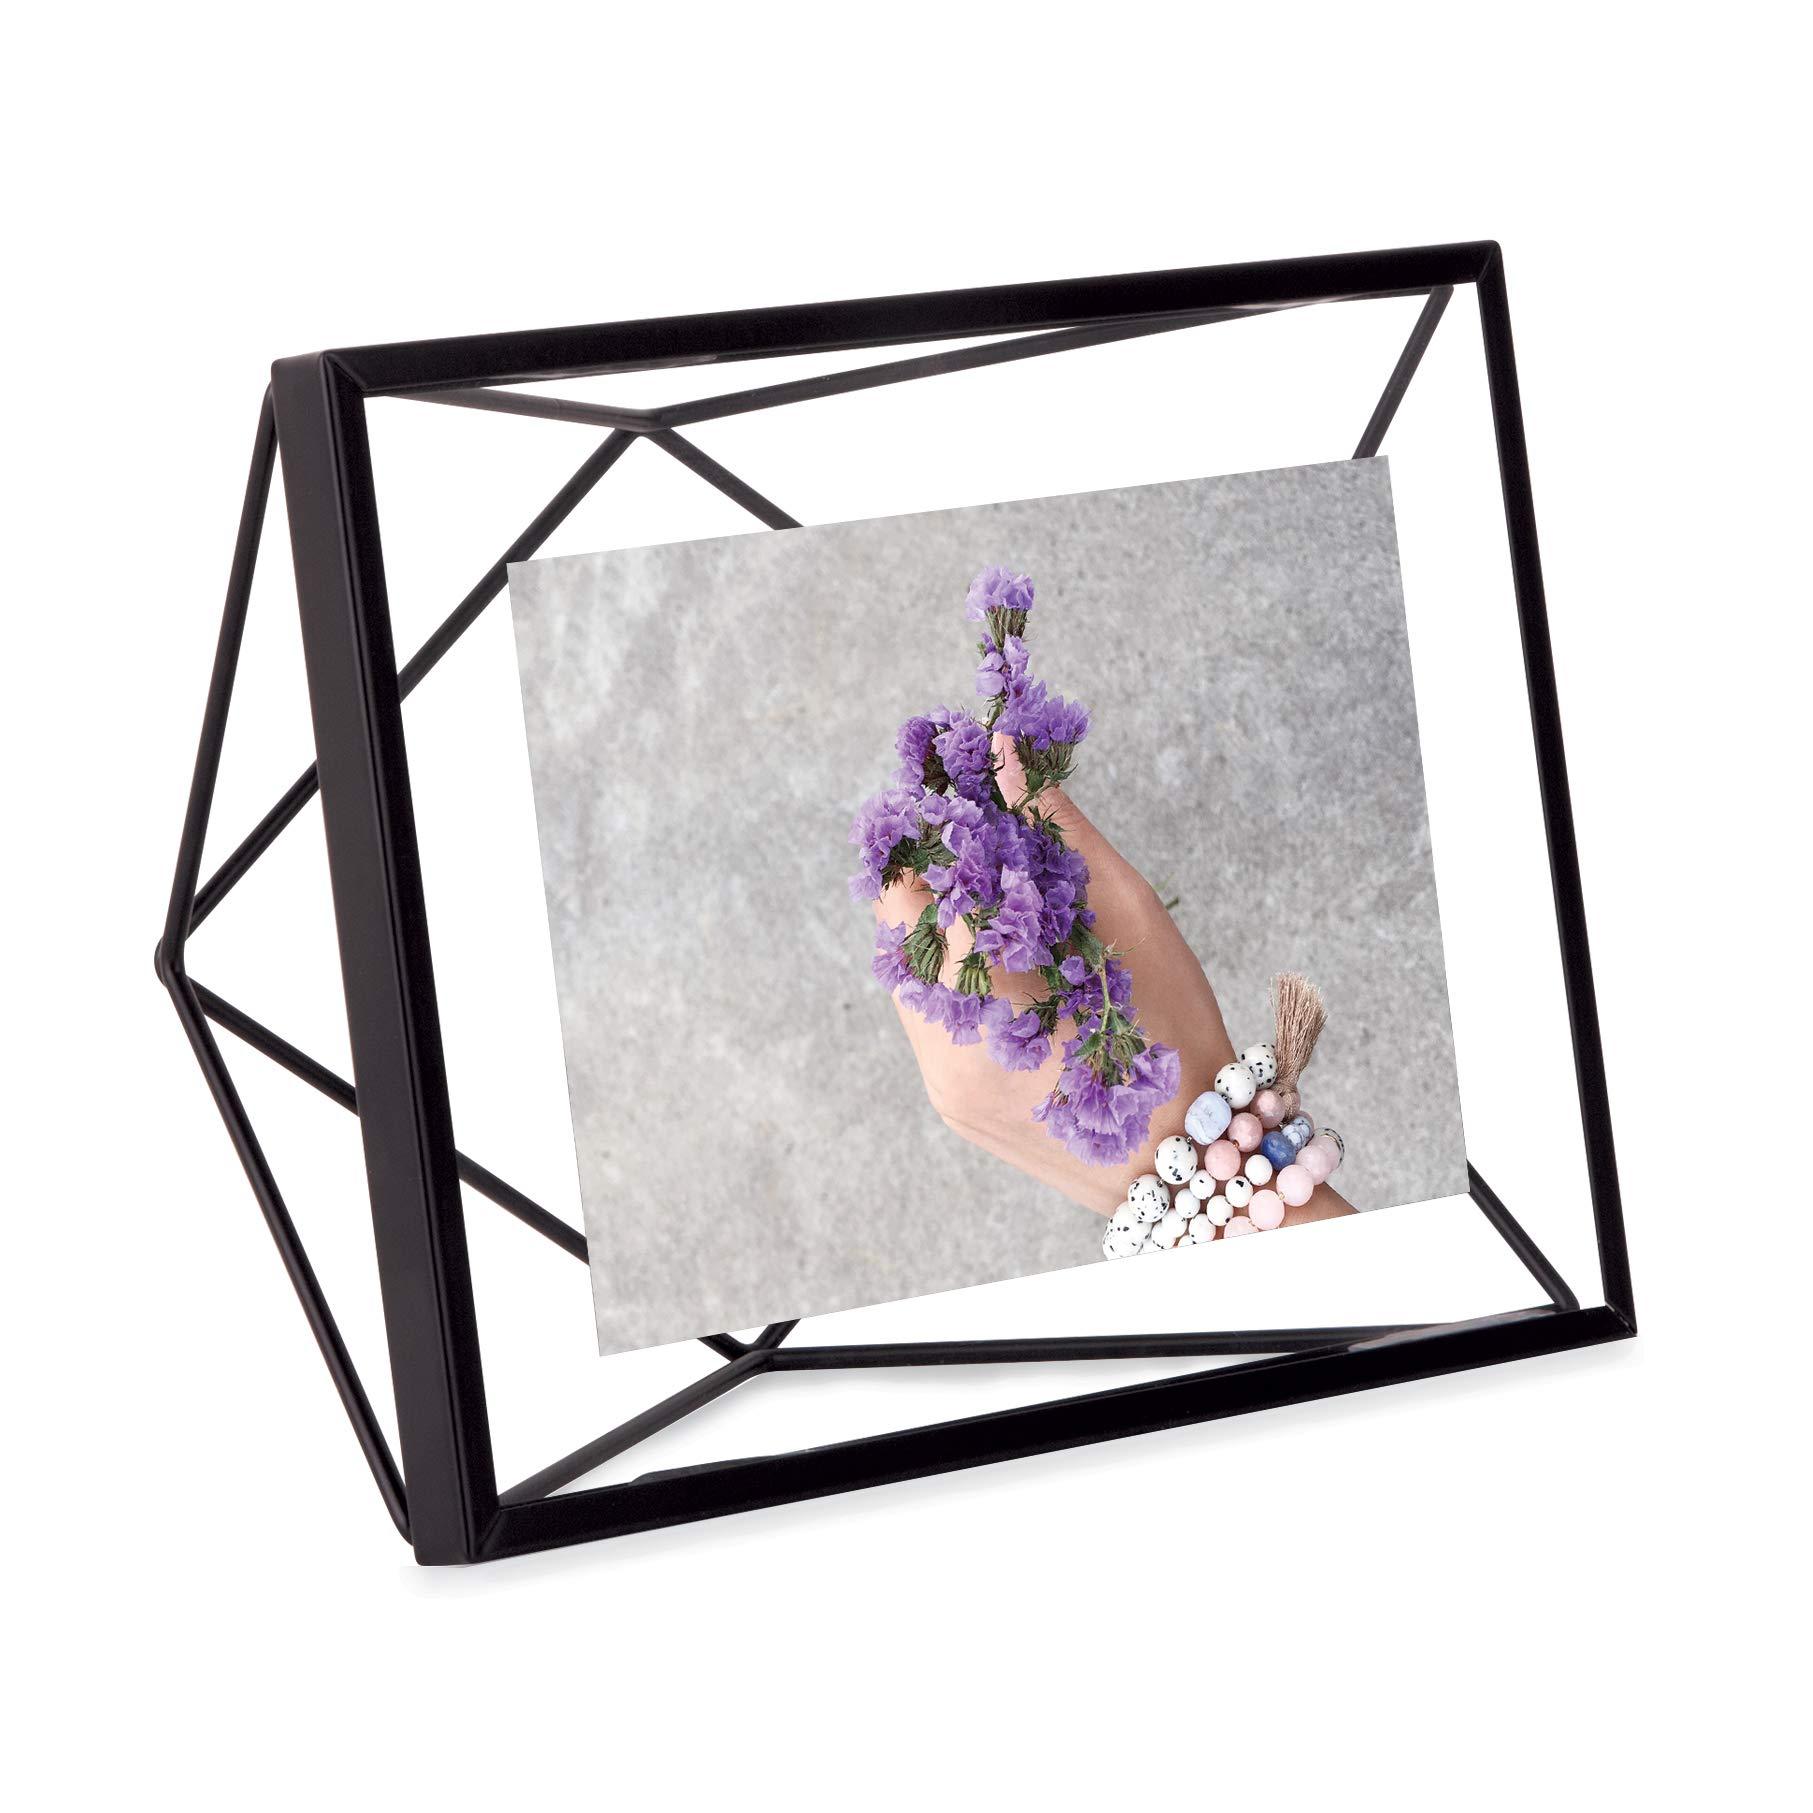 UMBRA Prisma. Cadre photo filaire en métal entre deux-verres Prisma. A poser ou à accrocher. Pour 1 photo 10x15cm. Coloris Noir product image